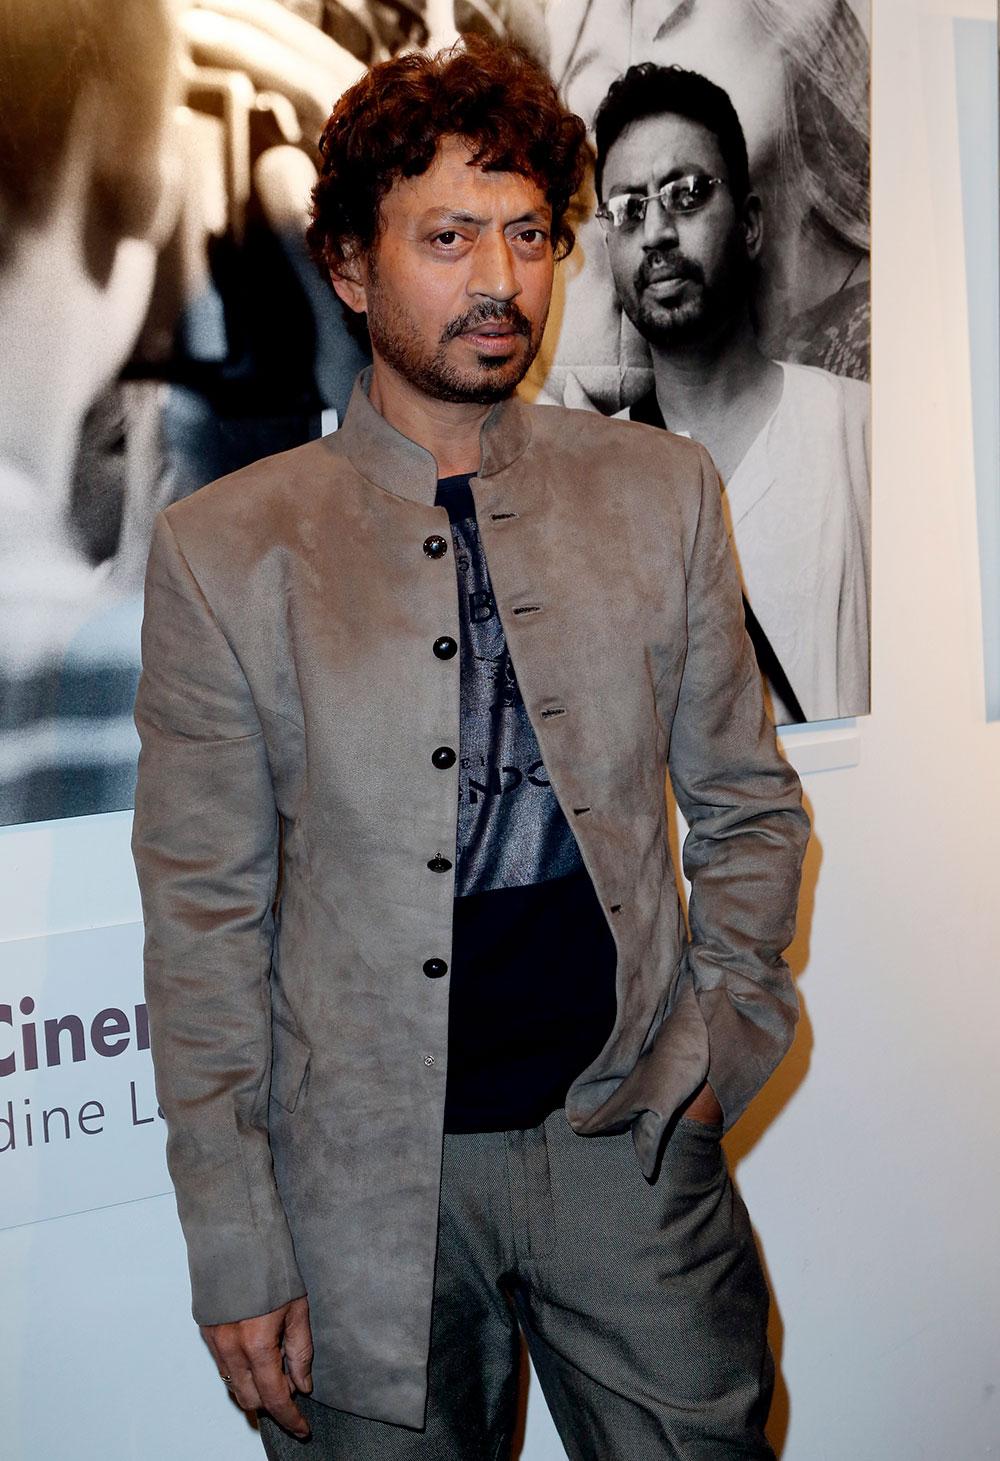 पेरिस में भारतीय फिल्म फेस्टिवल के मौके पर बॉलीवुड अदाकार इरफान खान।